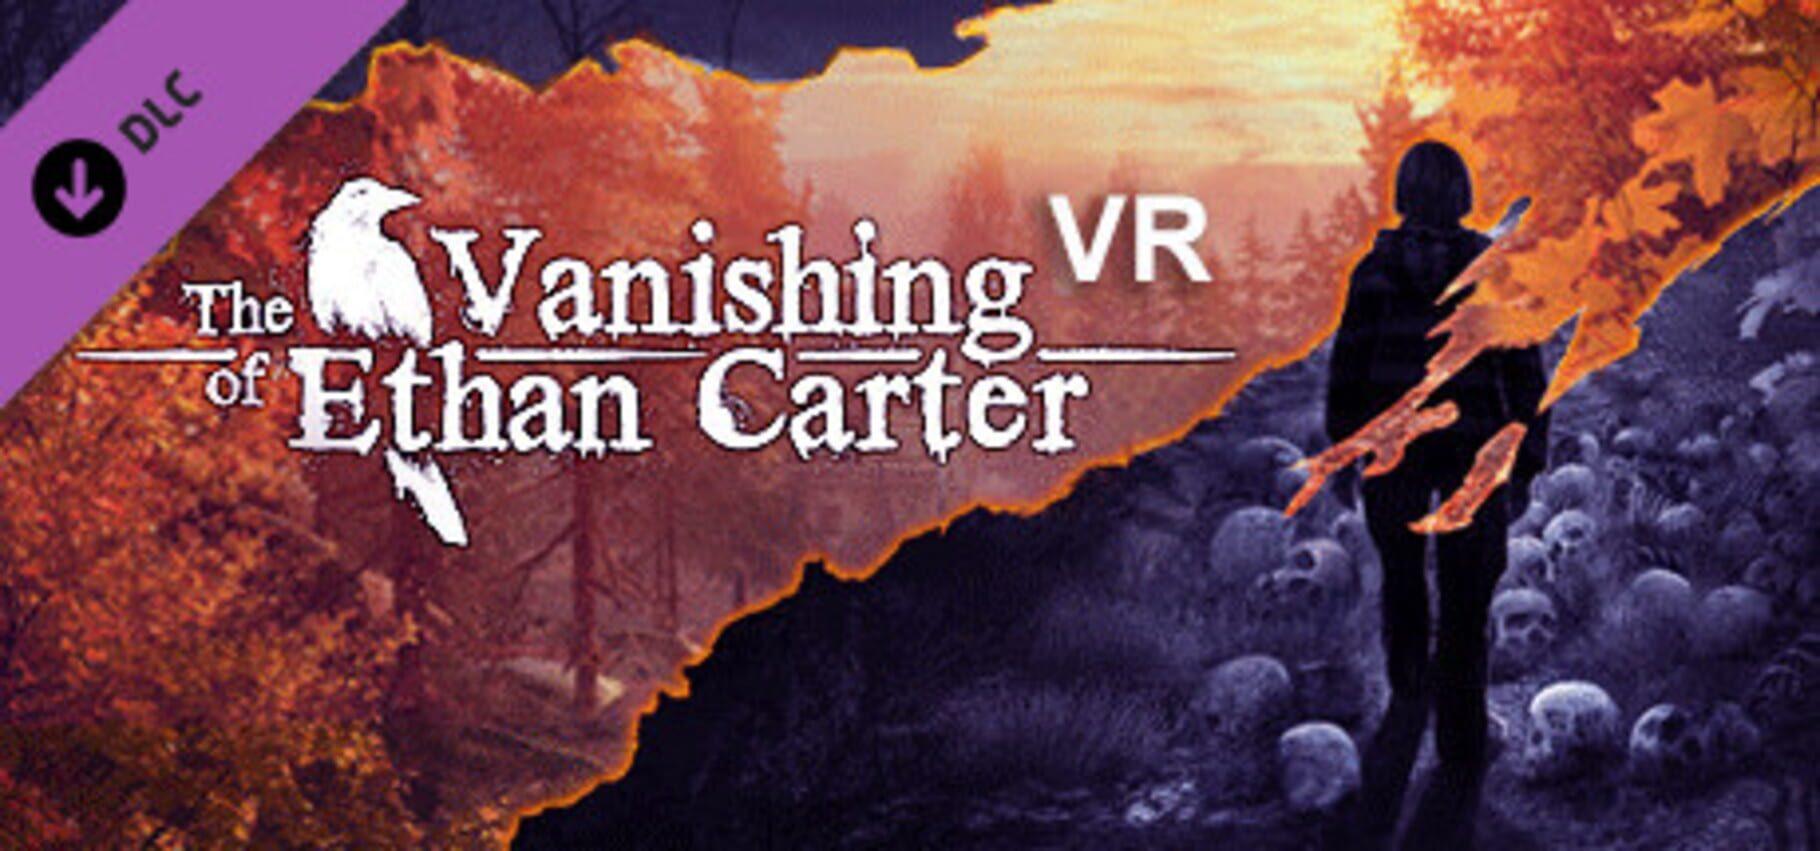 buy The Vanishing of Ethan Carter VR cd key for all platform